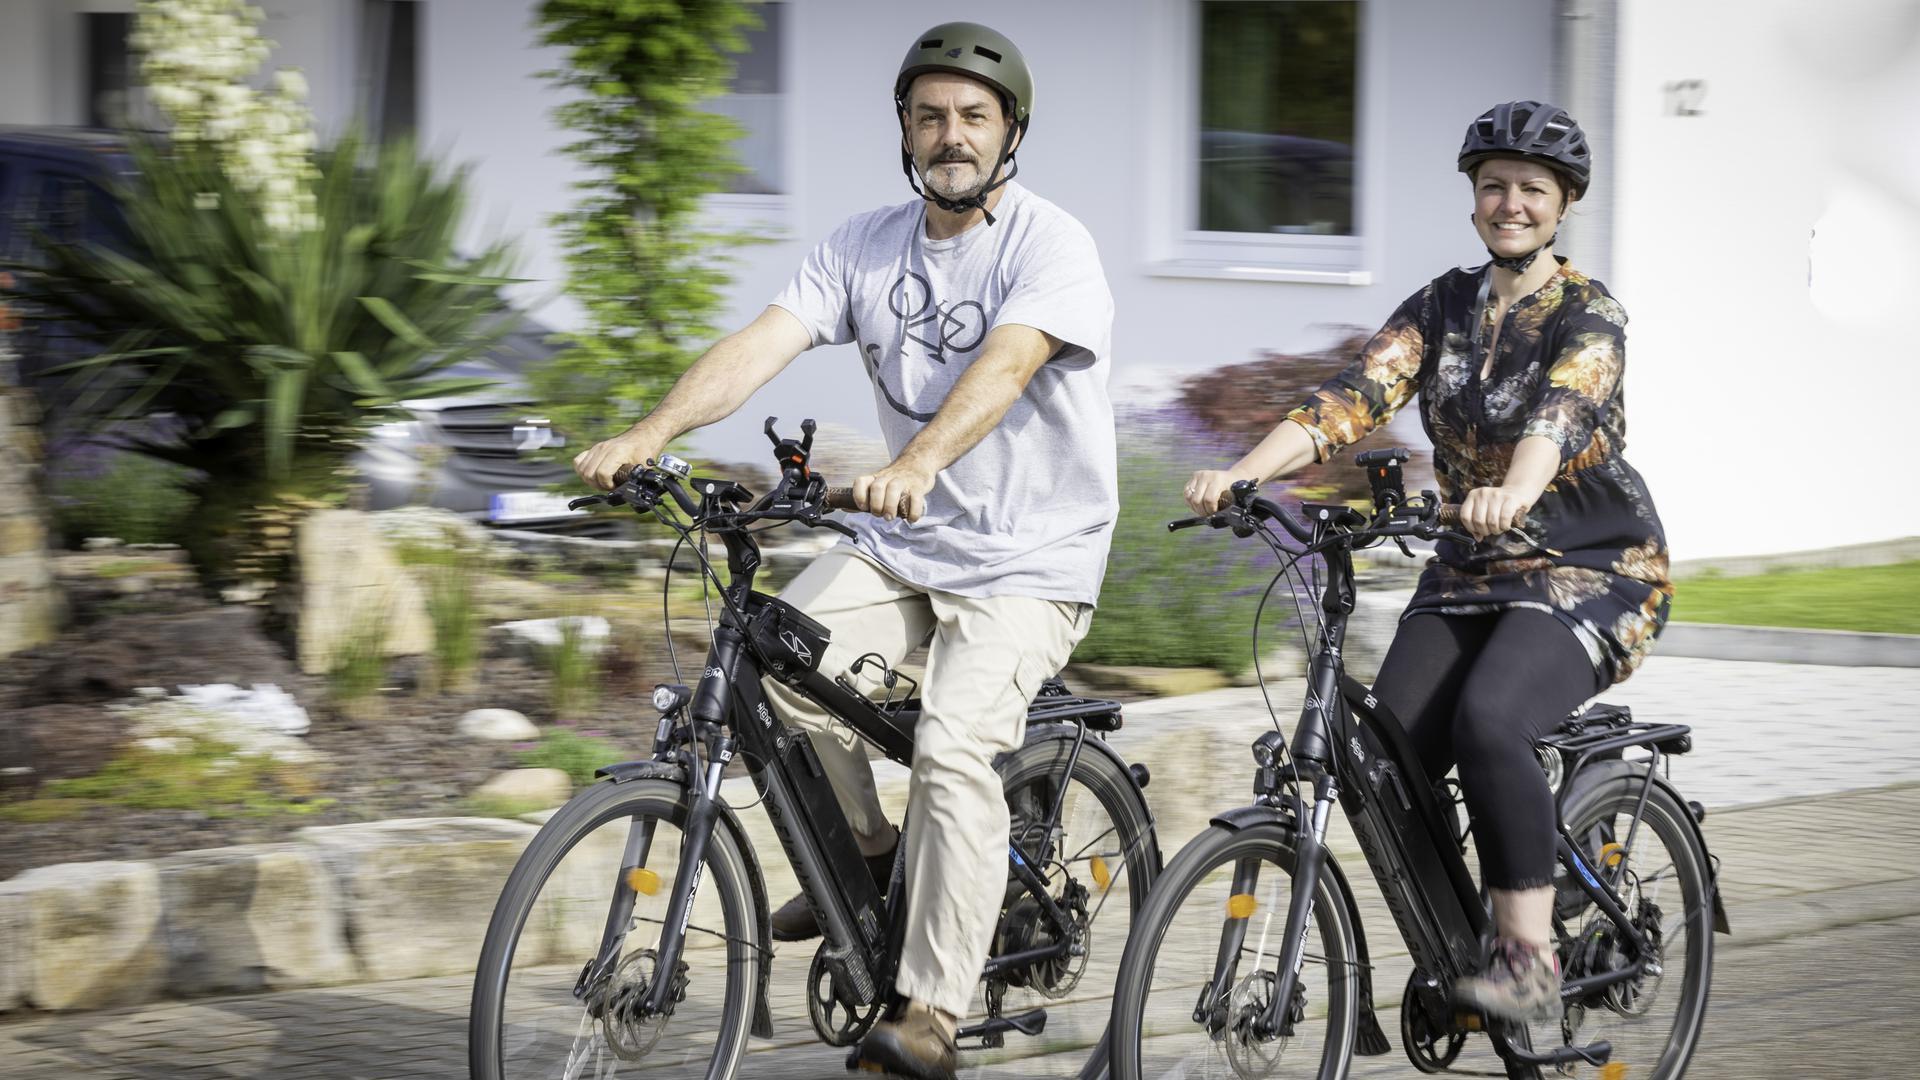 Schnell unterwegs sind Gerald und Claudia Herr und genießen die neuen Freiheiten durch ihr E-Bike.